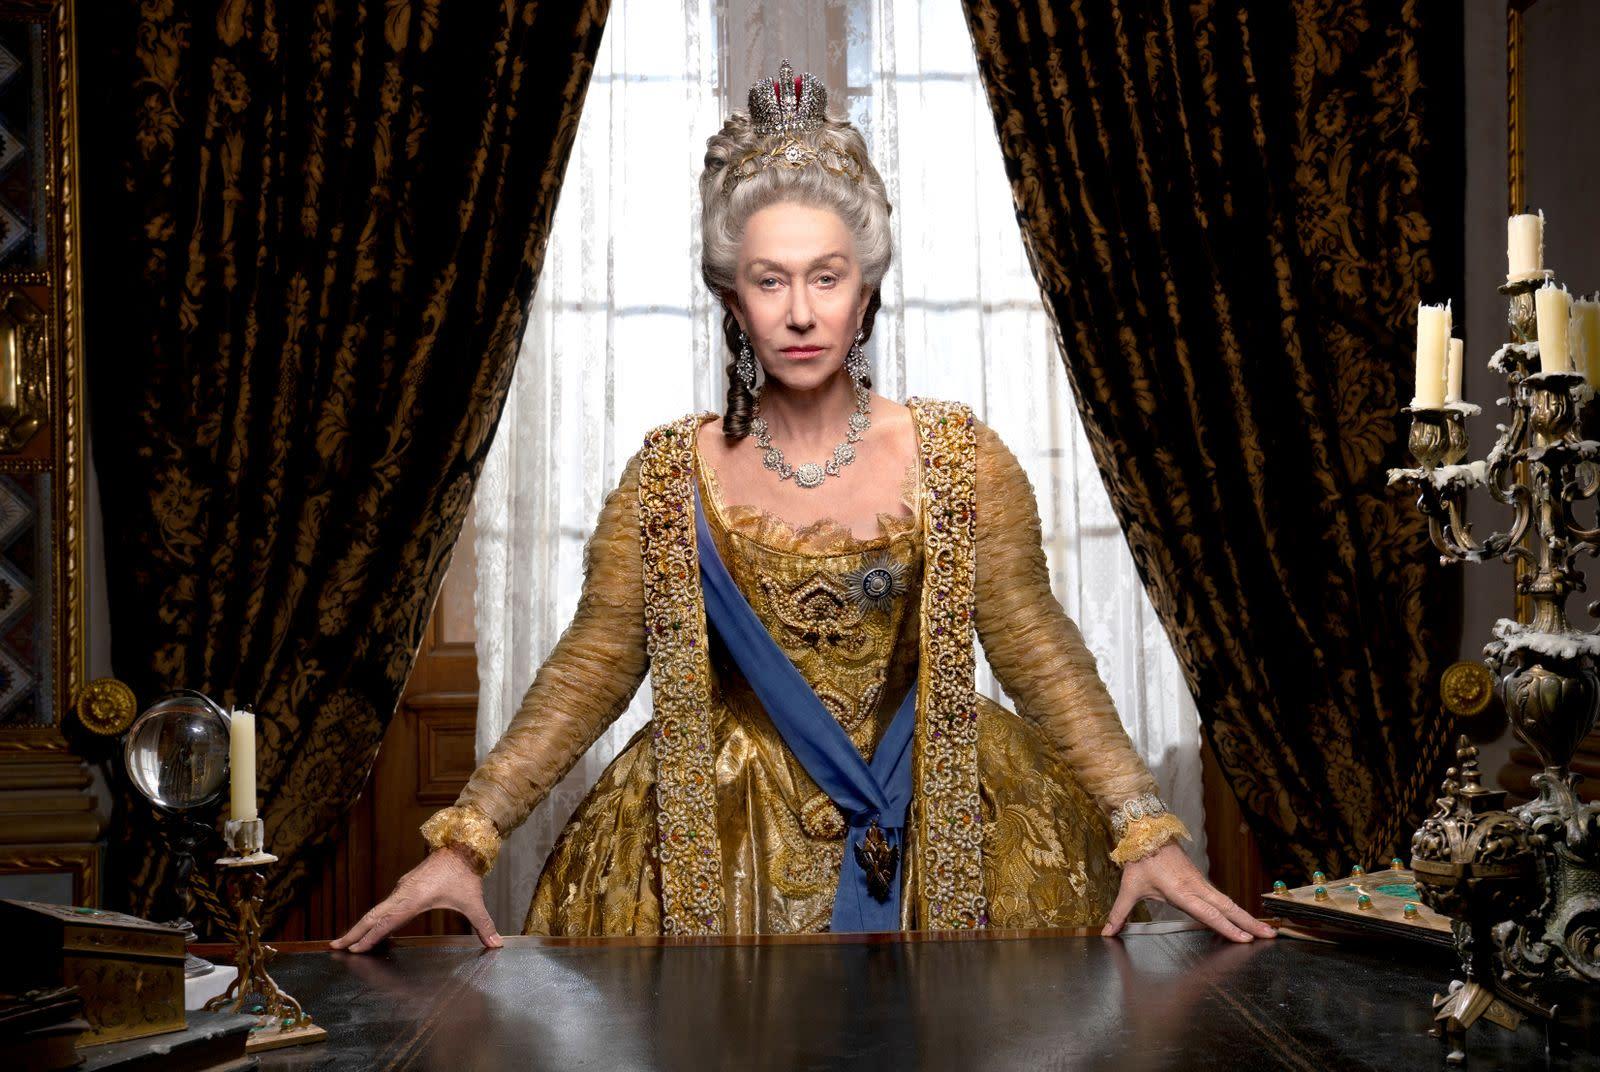 King George – Ein Königreich Für Mehr Verstand